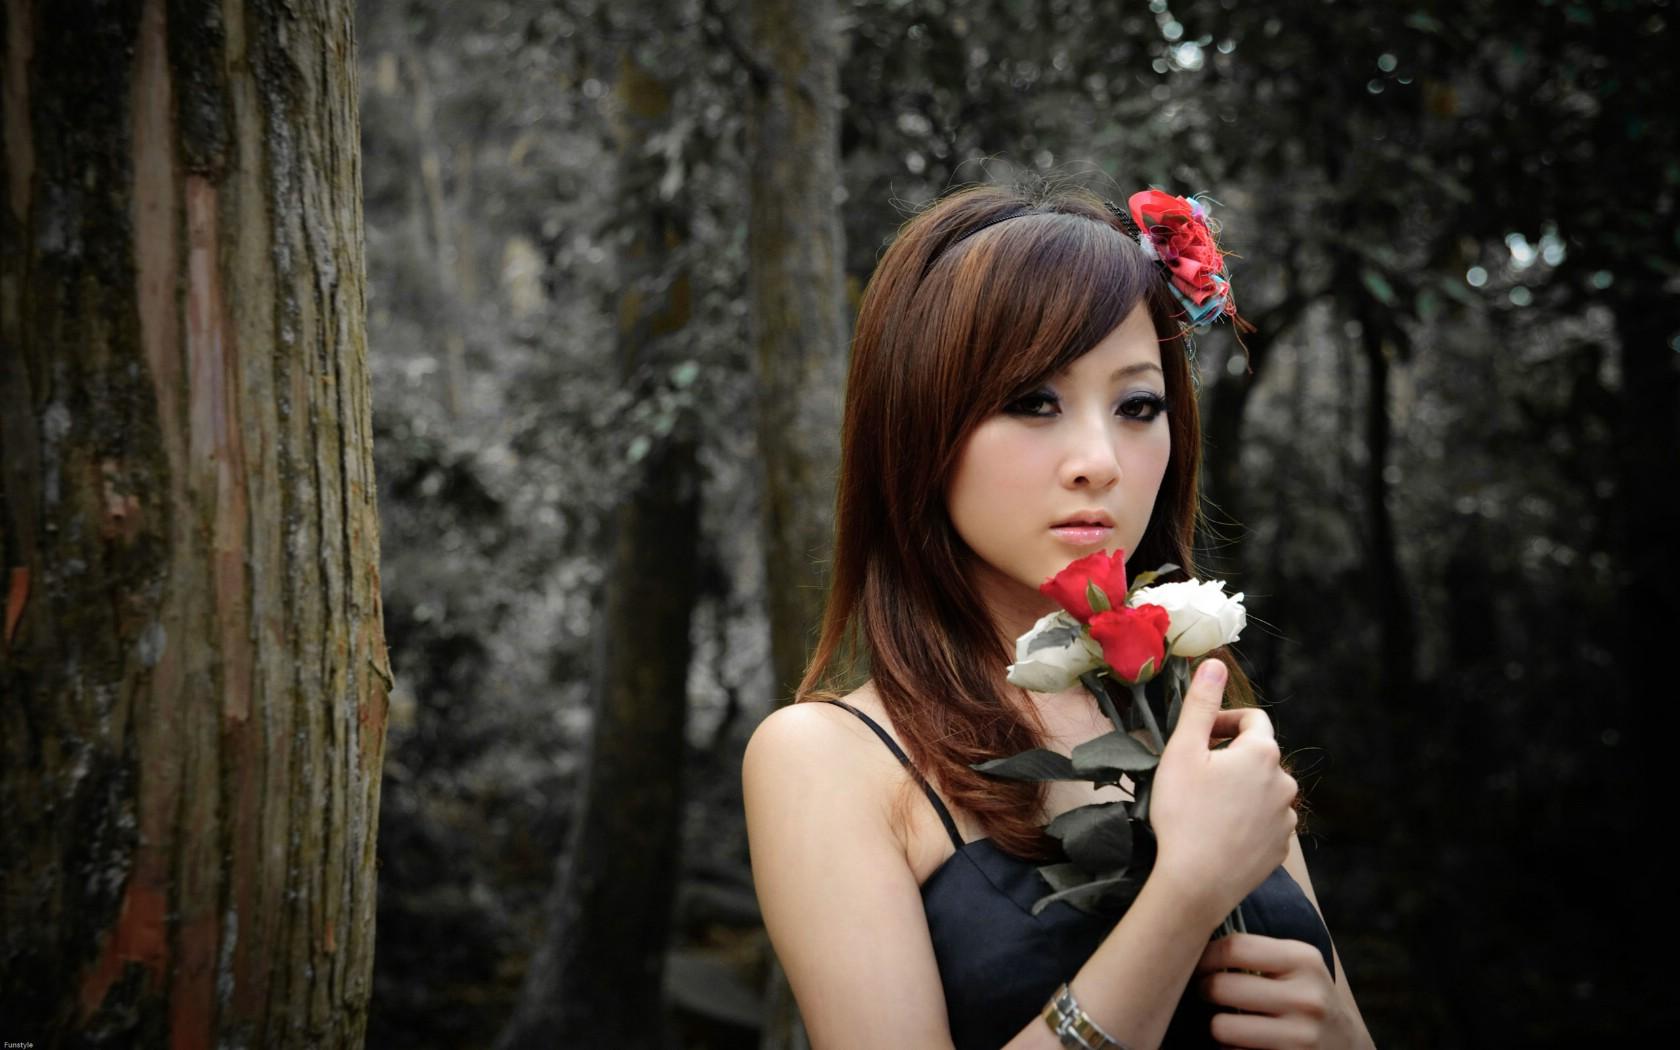 壁纸1680×1050女同台湾宽屏美女壁纸壁纸,高美高清学惹不起免费图片